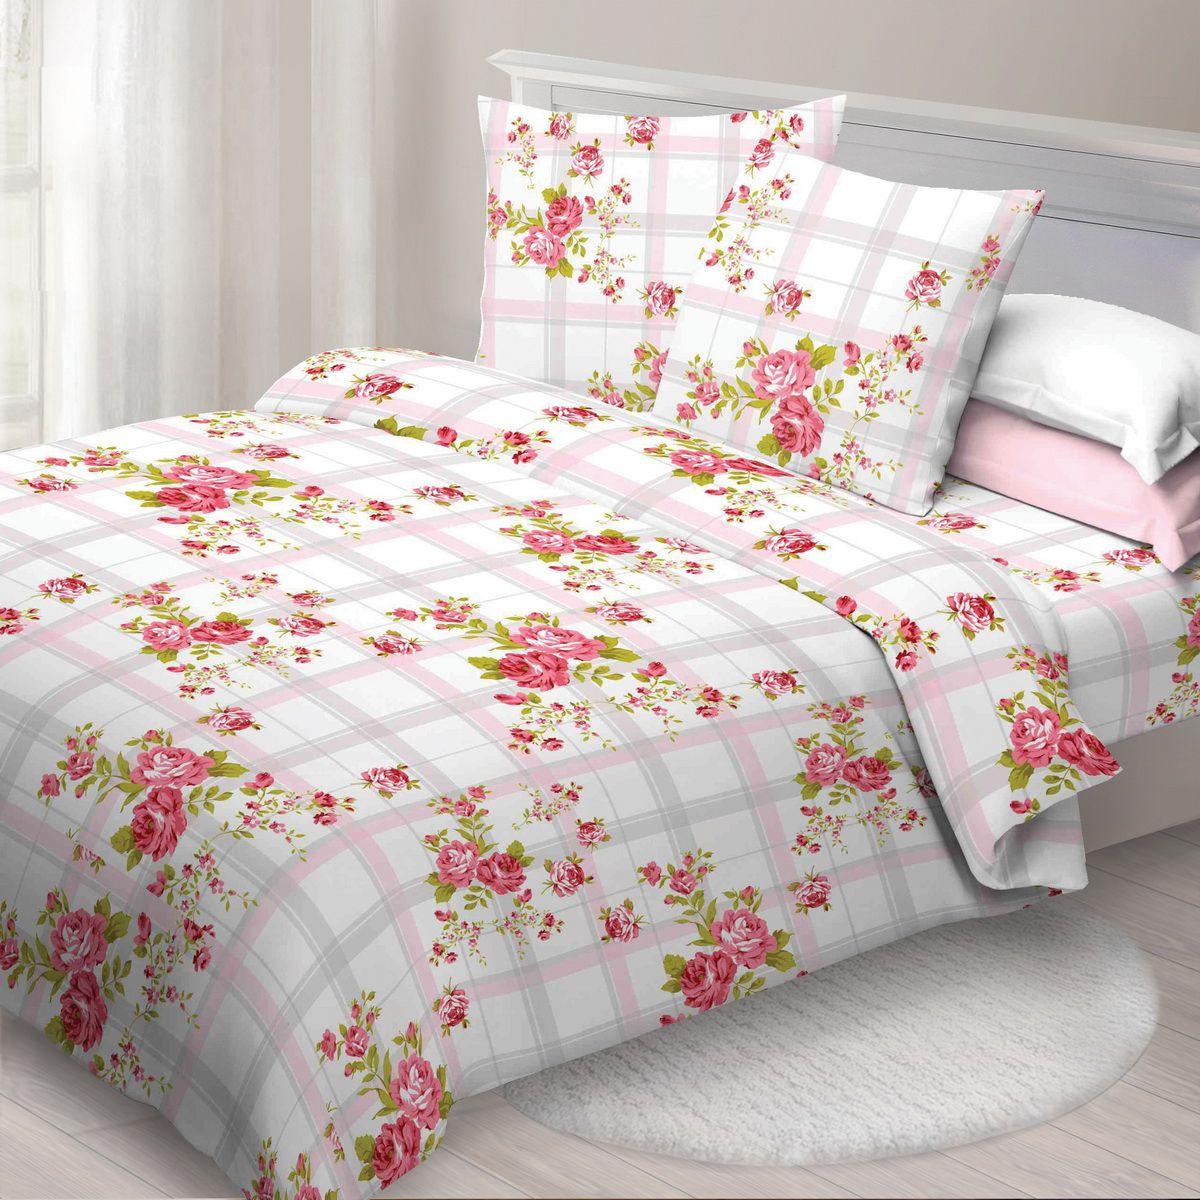 Комплект белья Спал Спалыч Доброе утро, cемейный, наволочки 70 x 70 см недорогое